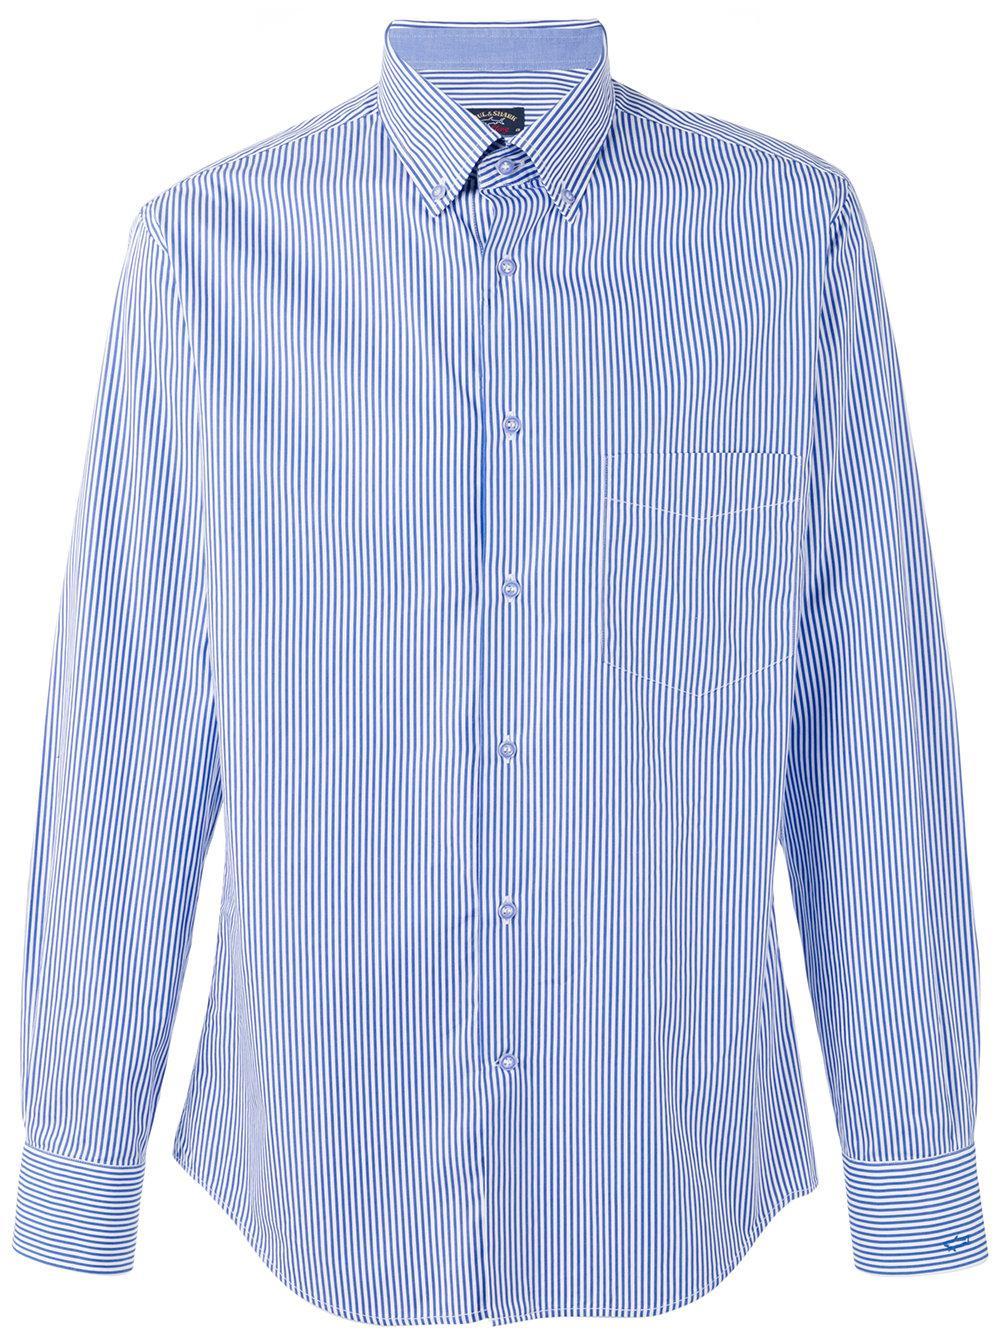 Paul Shark Striped Shirt In Blue For Men Lyst